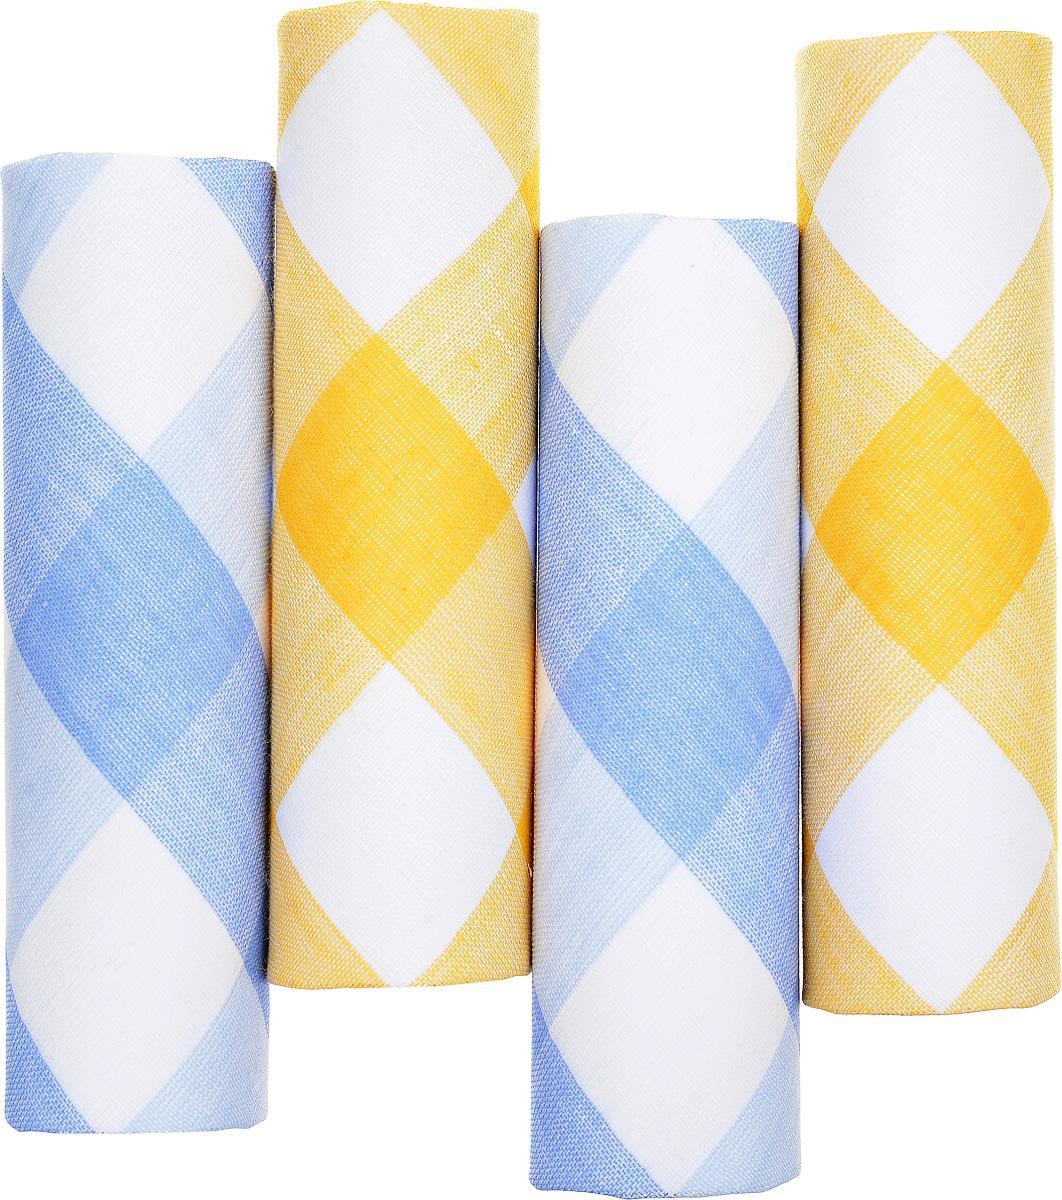 Платок носовой женский Zlata Korunka, цвет: белый, желтый, голубой. 71420-16. Размер 29 х 29 см, 4 шт71420-9Носовой платок Zlata Korunka изготовлен из высококачественного натурального хлопка, благодаря чему приятен в использовании, хорошо стирается, не садится и отлично впитывает влагу. Практичный и изящный носовой платок будет незаменим в повседневной жизни любого современного человека. Такой платок послужит стильным аксессуаром и подчеркнет ваше превосходное чувство вкуса. В комплекте 4 платка.